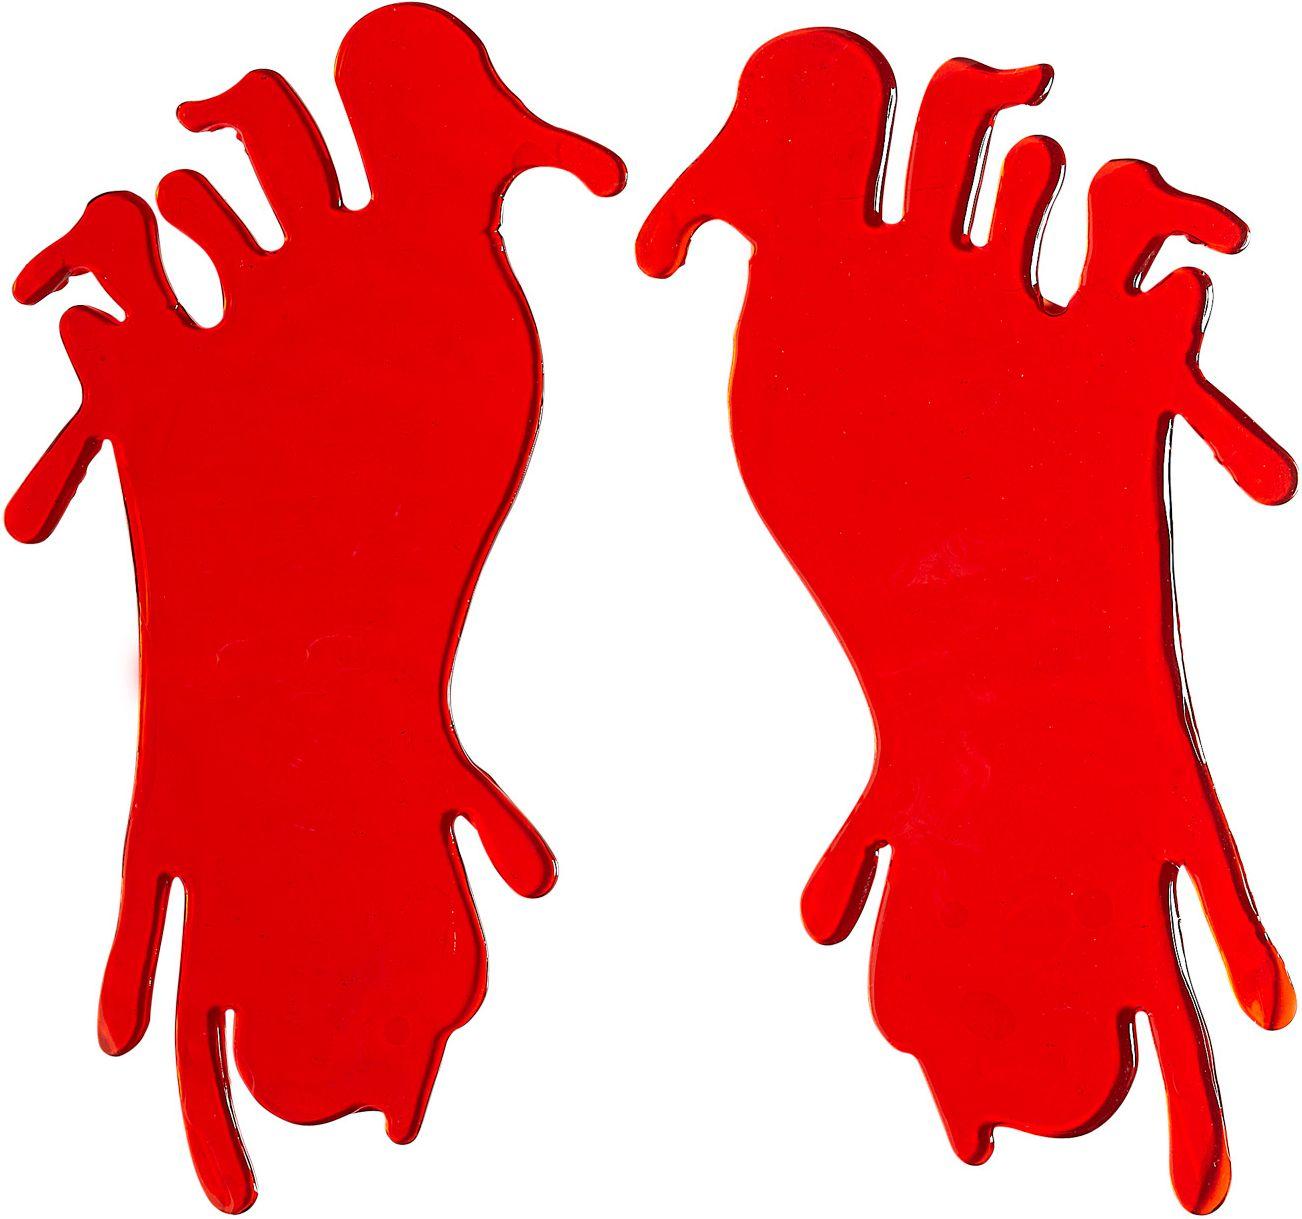 2 bloedige voet raam stickers